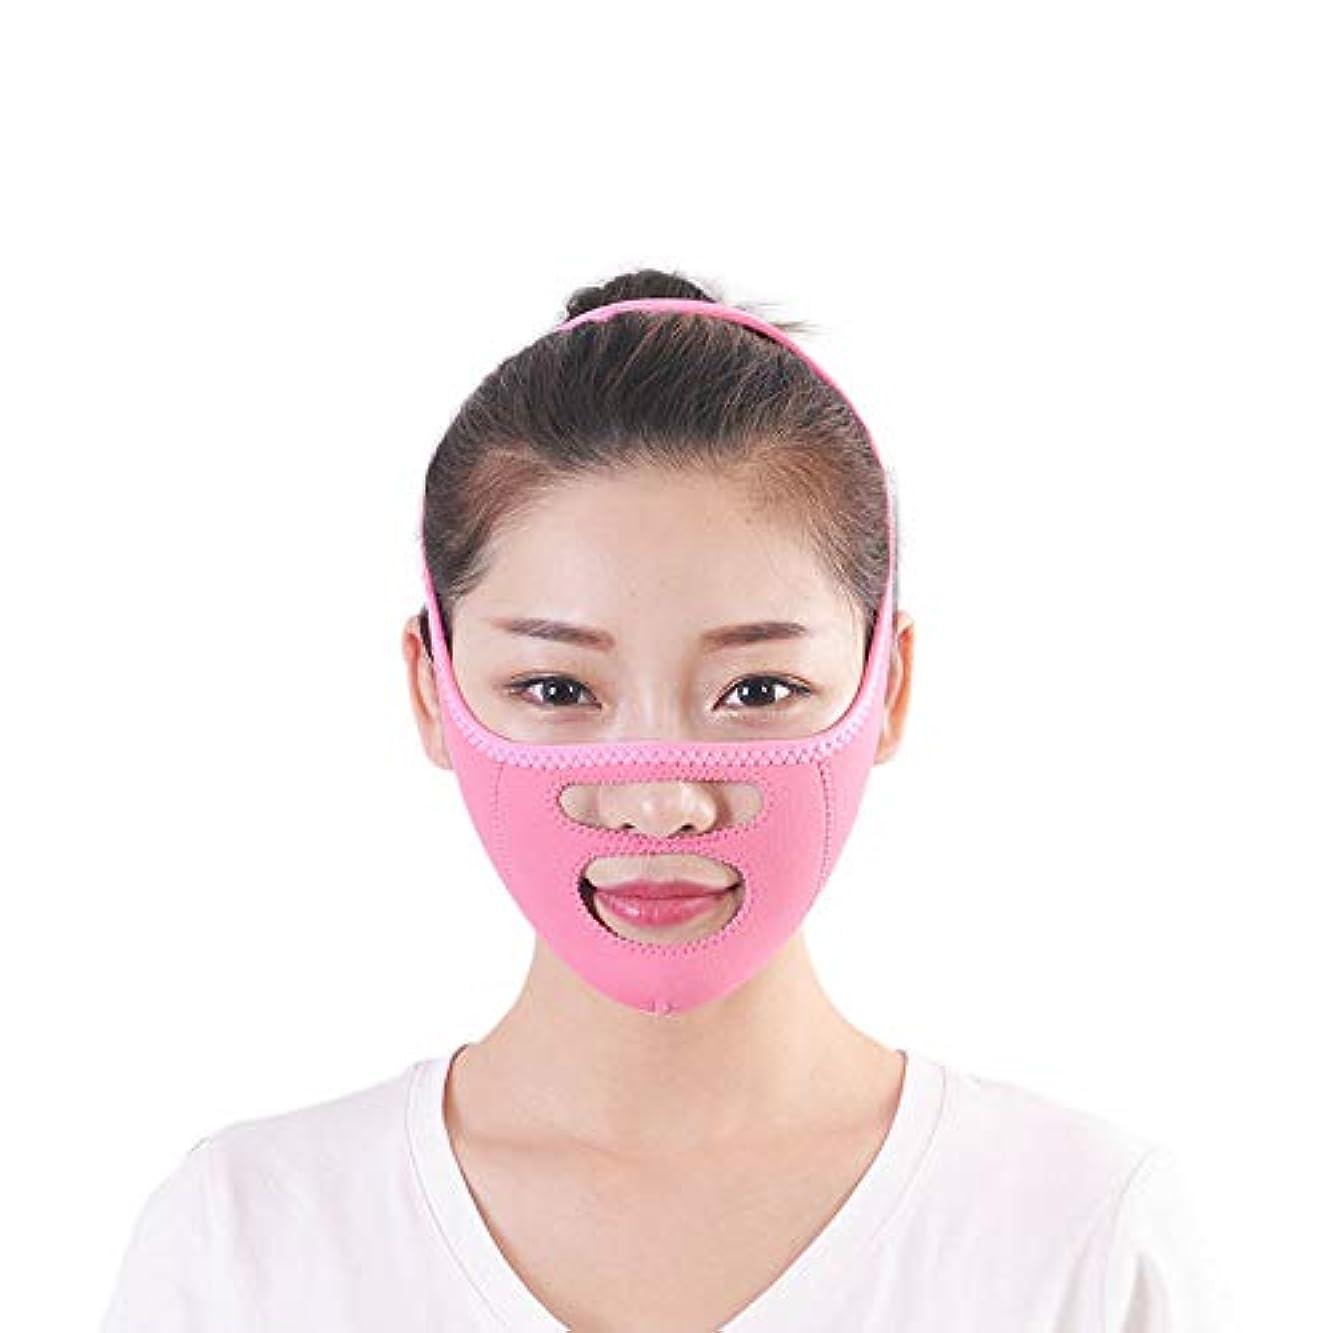 市民アレンジガジュマル二重あごの顔の減量の緩和を改善するためのフェイスリフティングアーチファクトマスク、ビームフェイス包帯/小型Vフェイスリフティングタイト補正,Blue